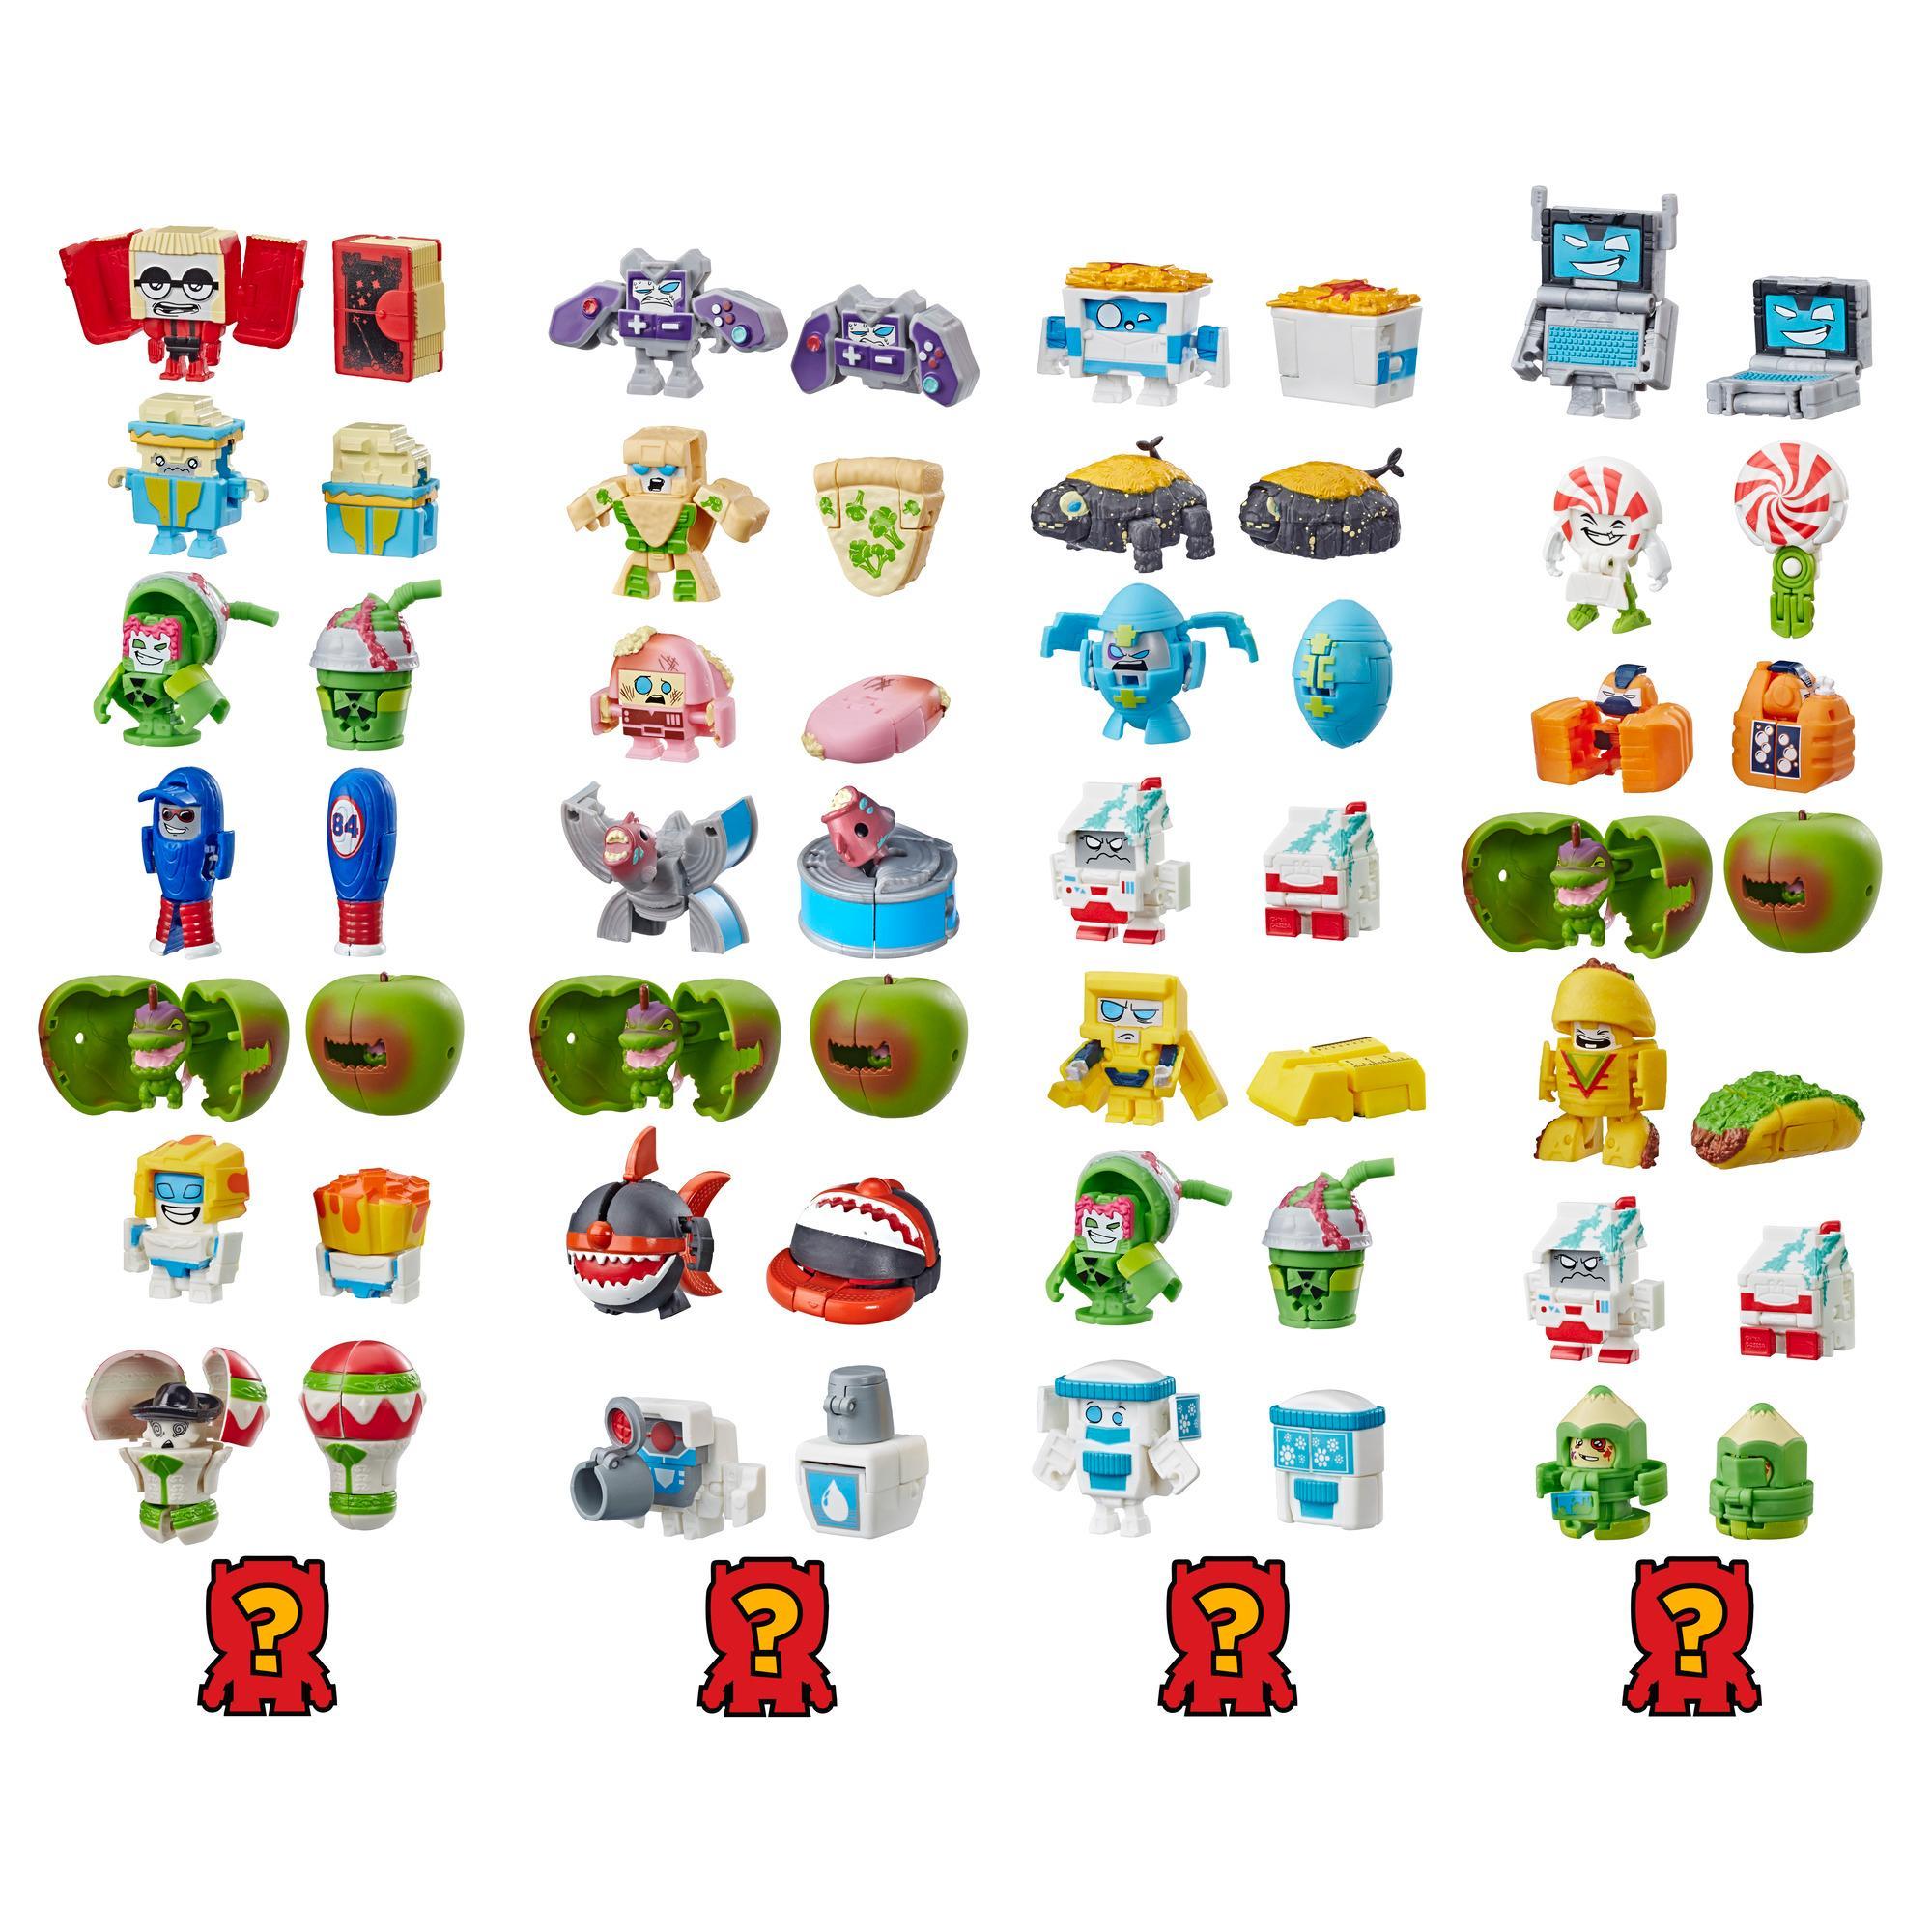 Jouet Transformers BotBots série 2 Ensemble de 8 des Gâtés pourris - Figurines mystères 2 en 1 à collectionner! Enfants de 5 ans et plus (le style et les couleurs peuvent varier) de Hasbro